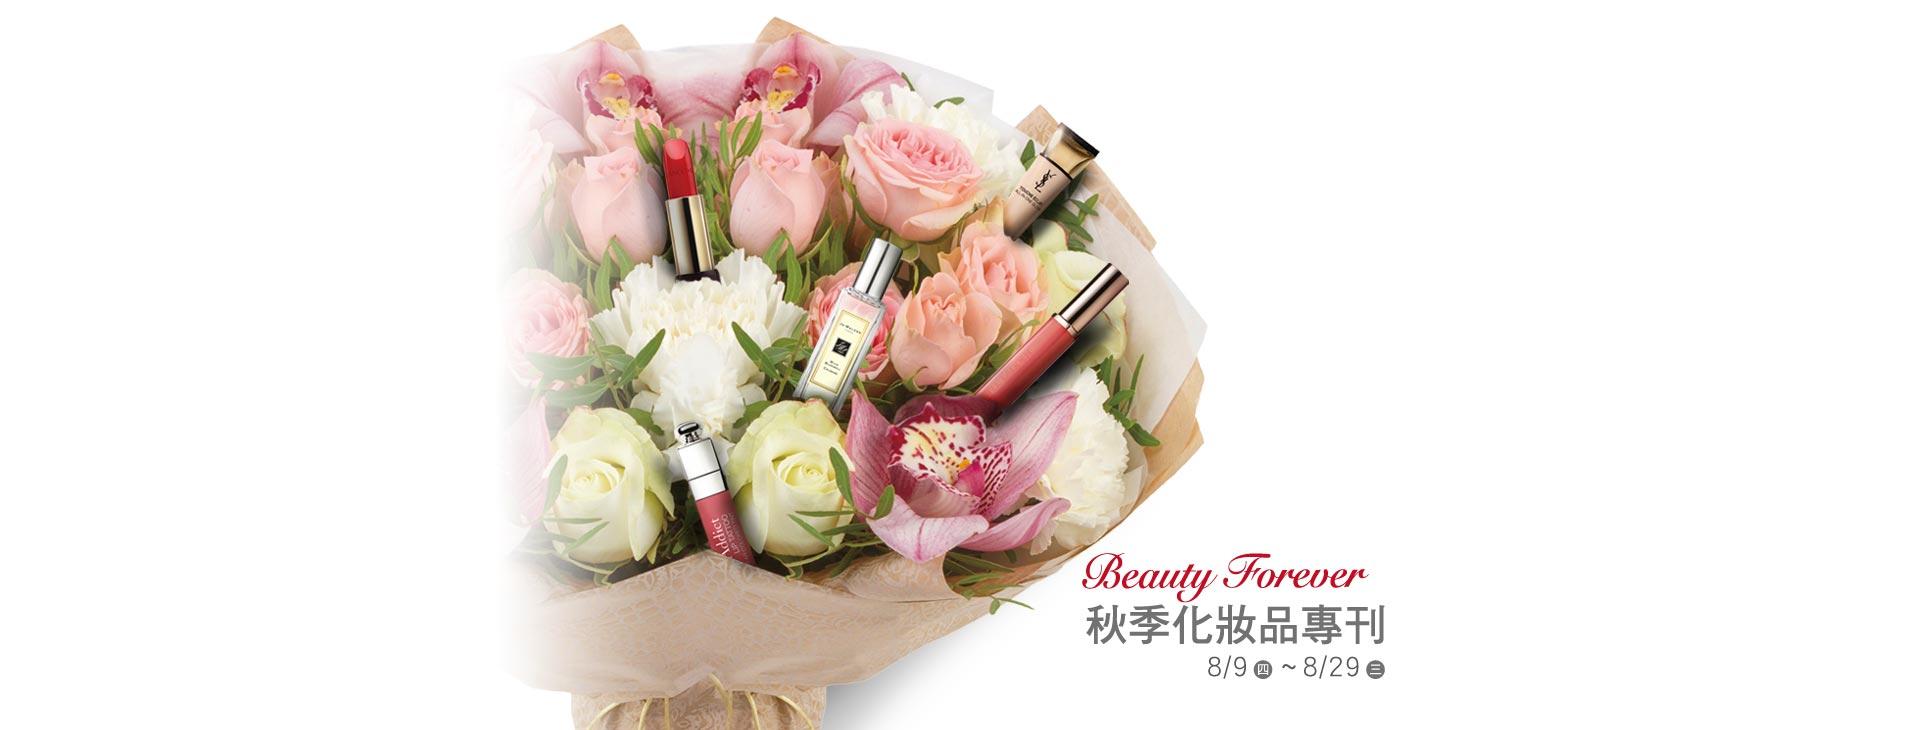 Beauty Forever秋季化妝品專刊